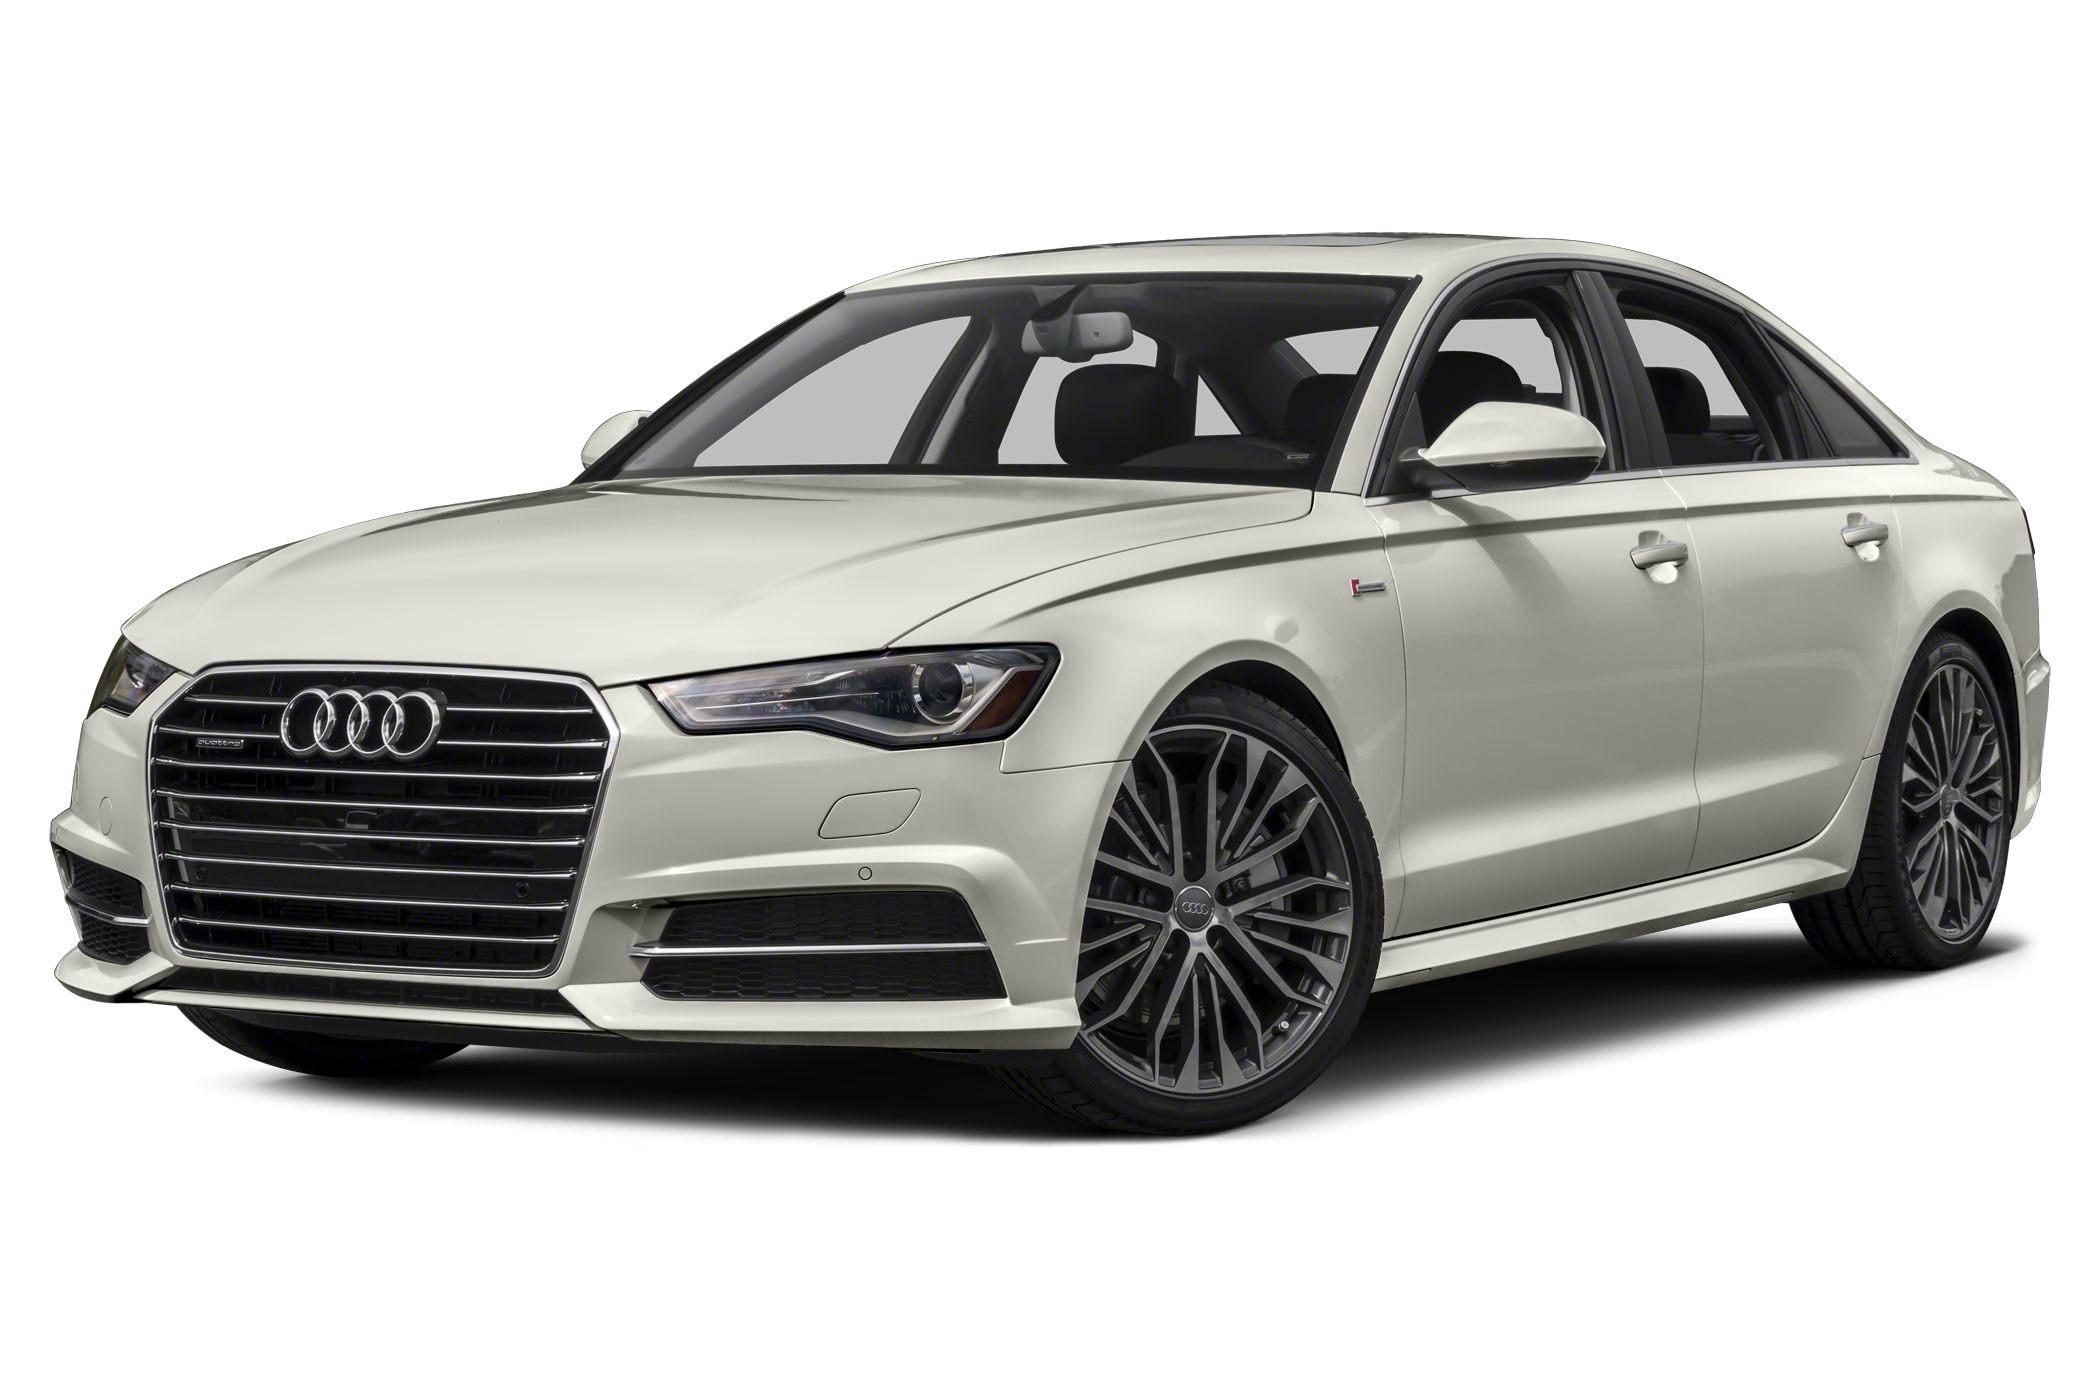 Audi A6 Diesel